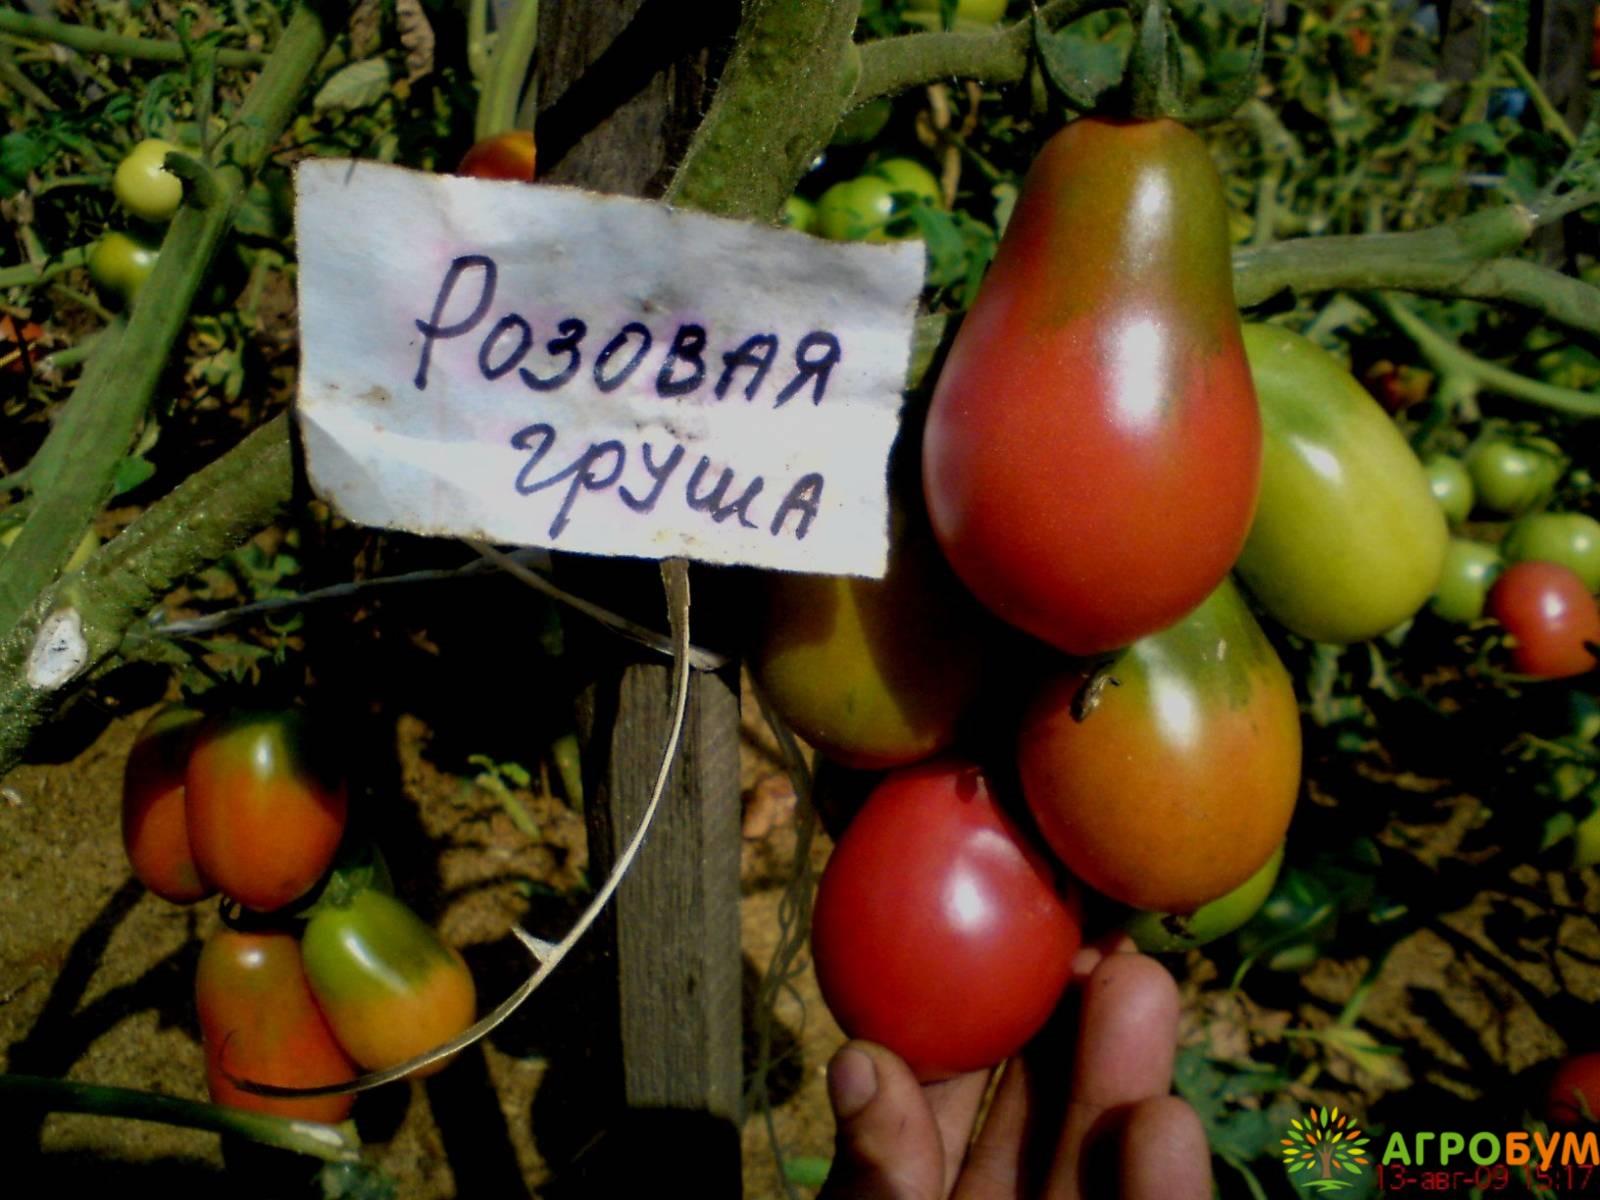 Купить семена Томат Груша розовая 0,1 г по низкой цене, доставка почтой наложенным платежом по России, курьером по Москве - интернет-магазин АгроБум